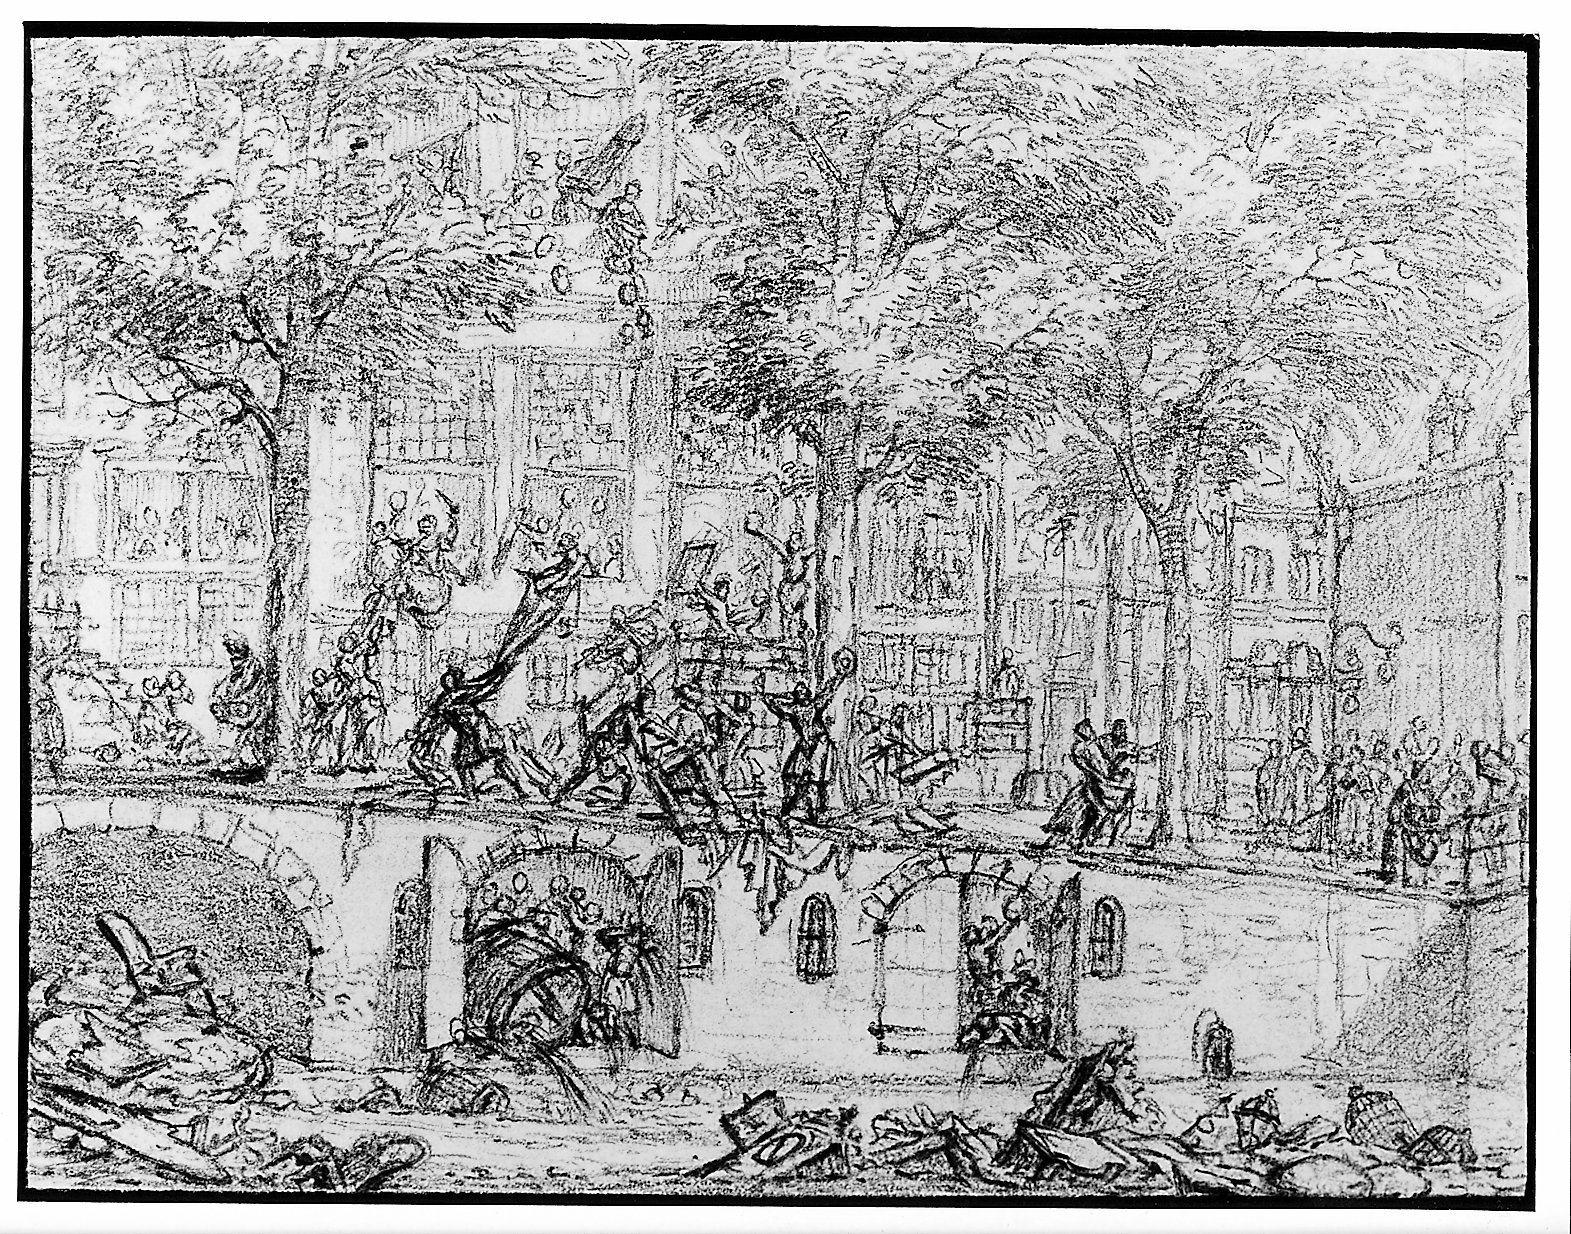 De plundering van het huis Singel 187.